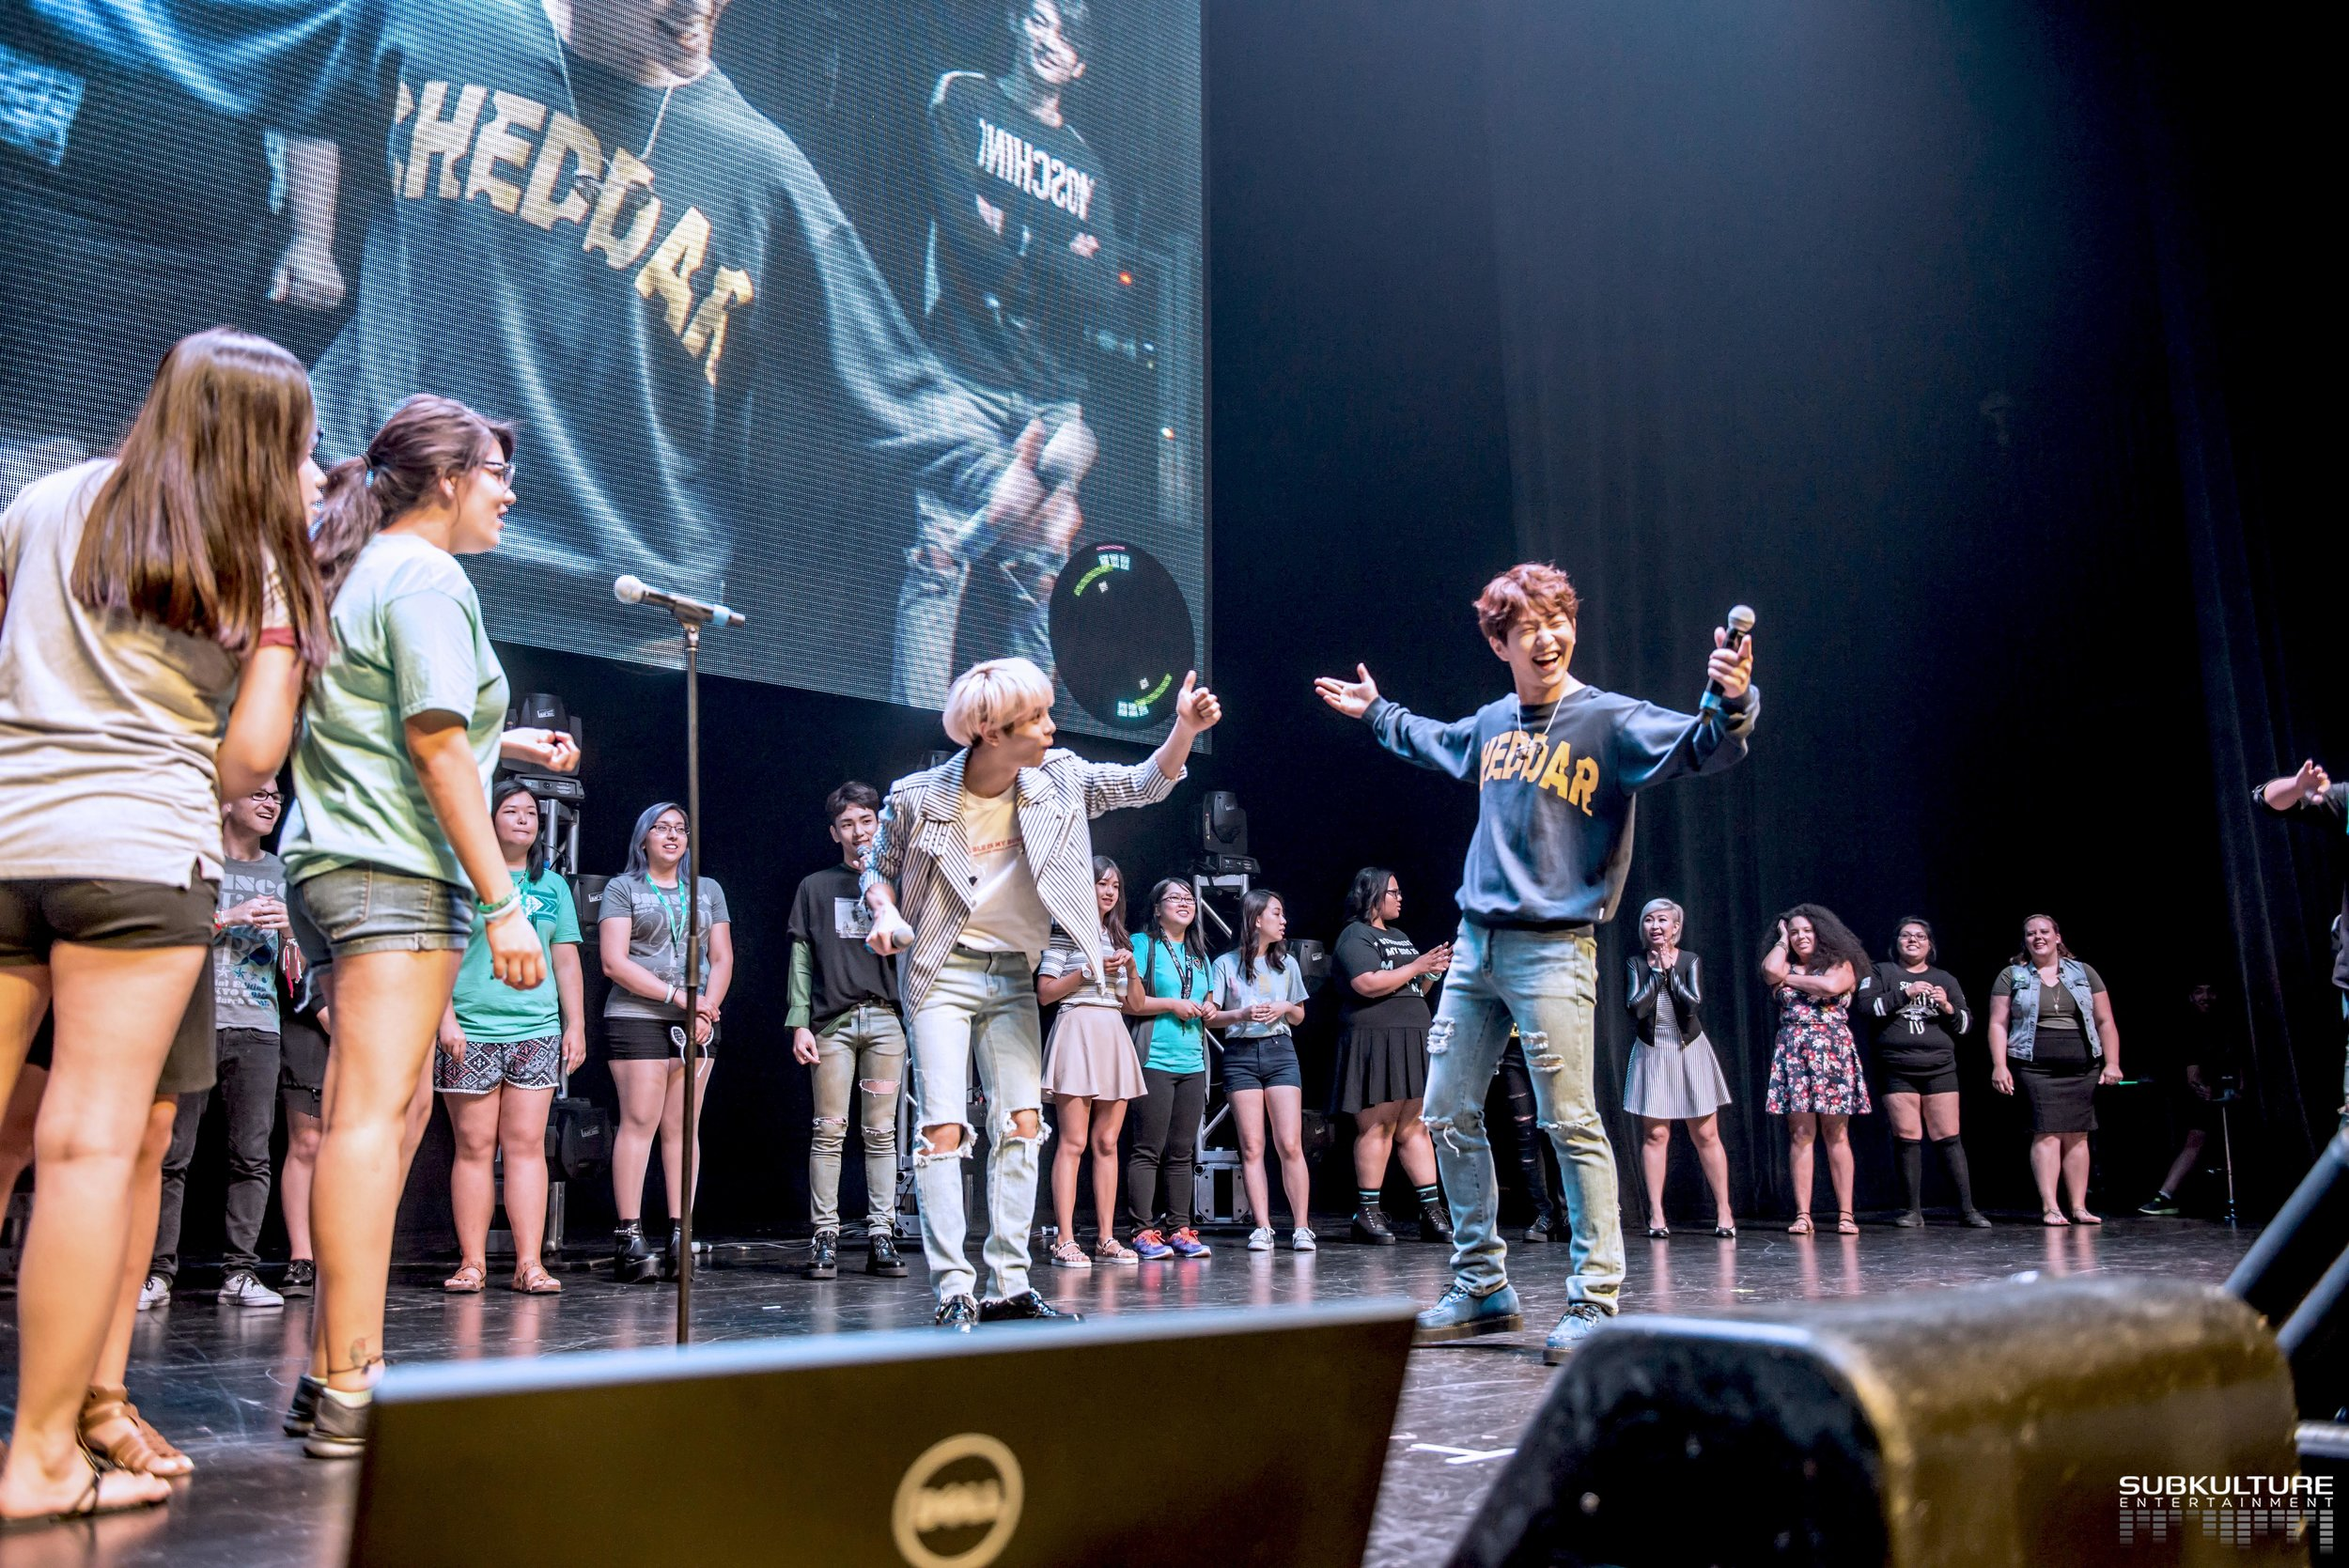 Shinee Fan Meet Dallas 7-31-16-1135.jpg